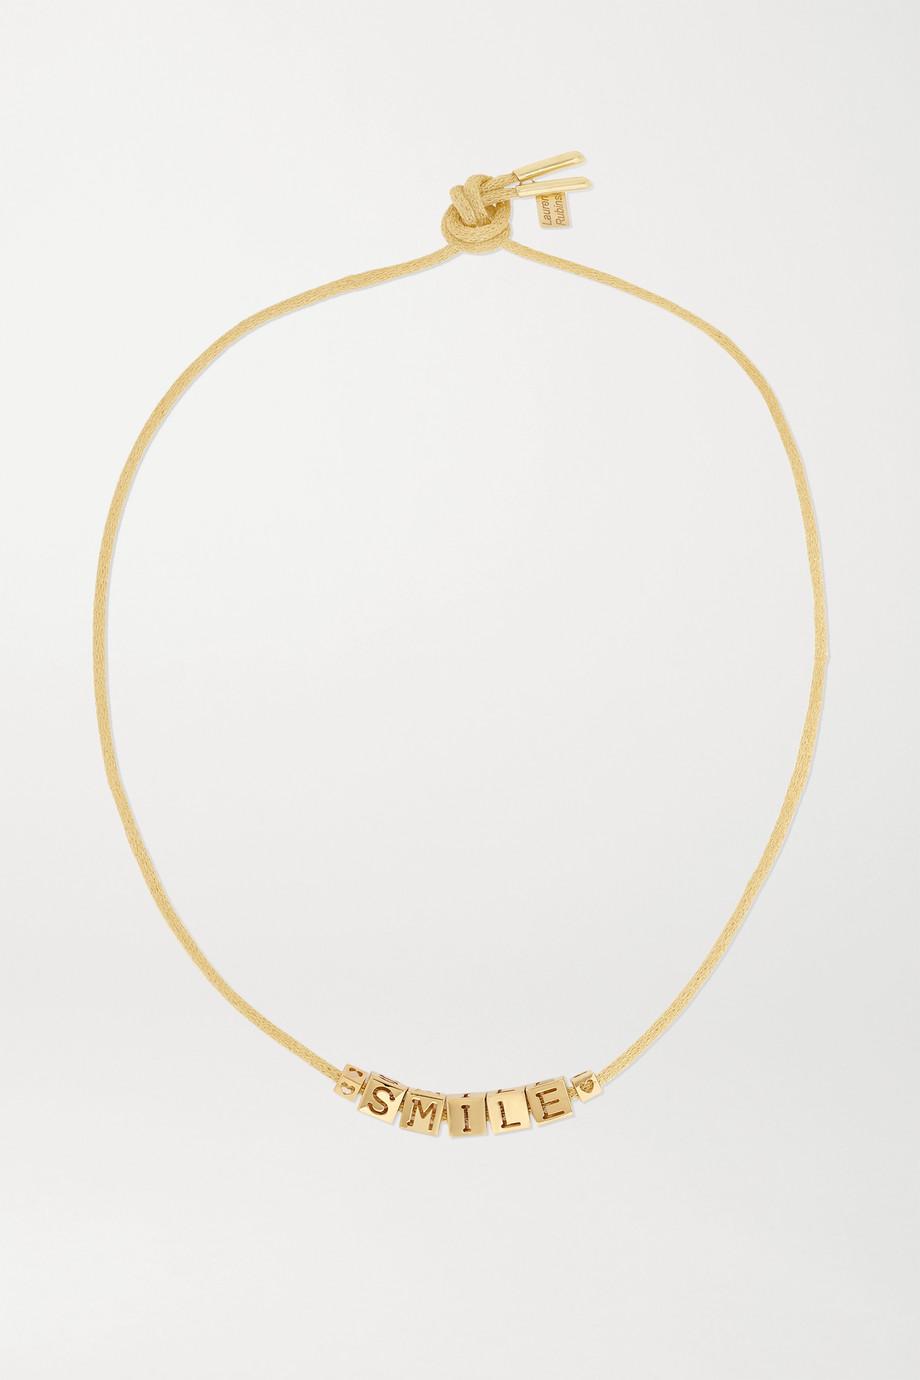 Lauren Rubinski Smile 14K 黄金项链